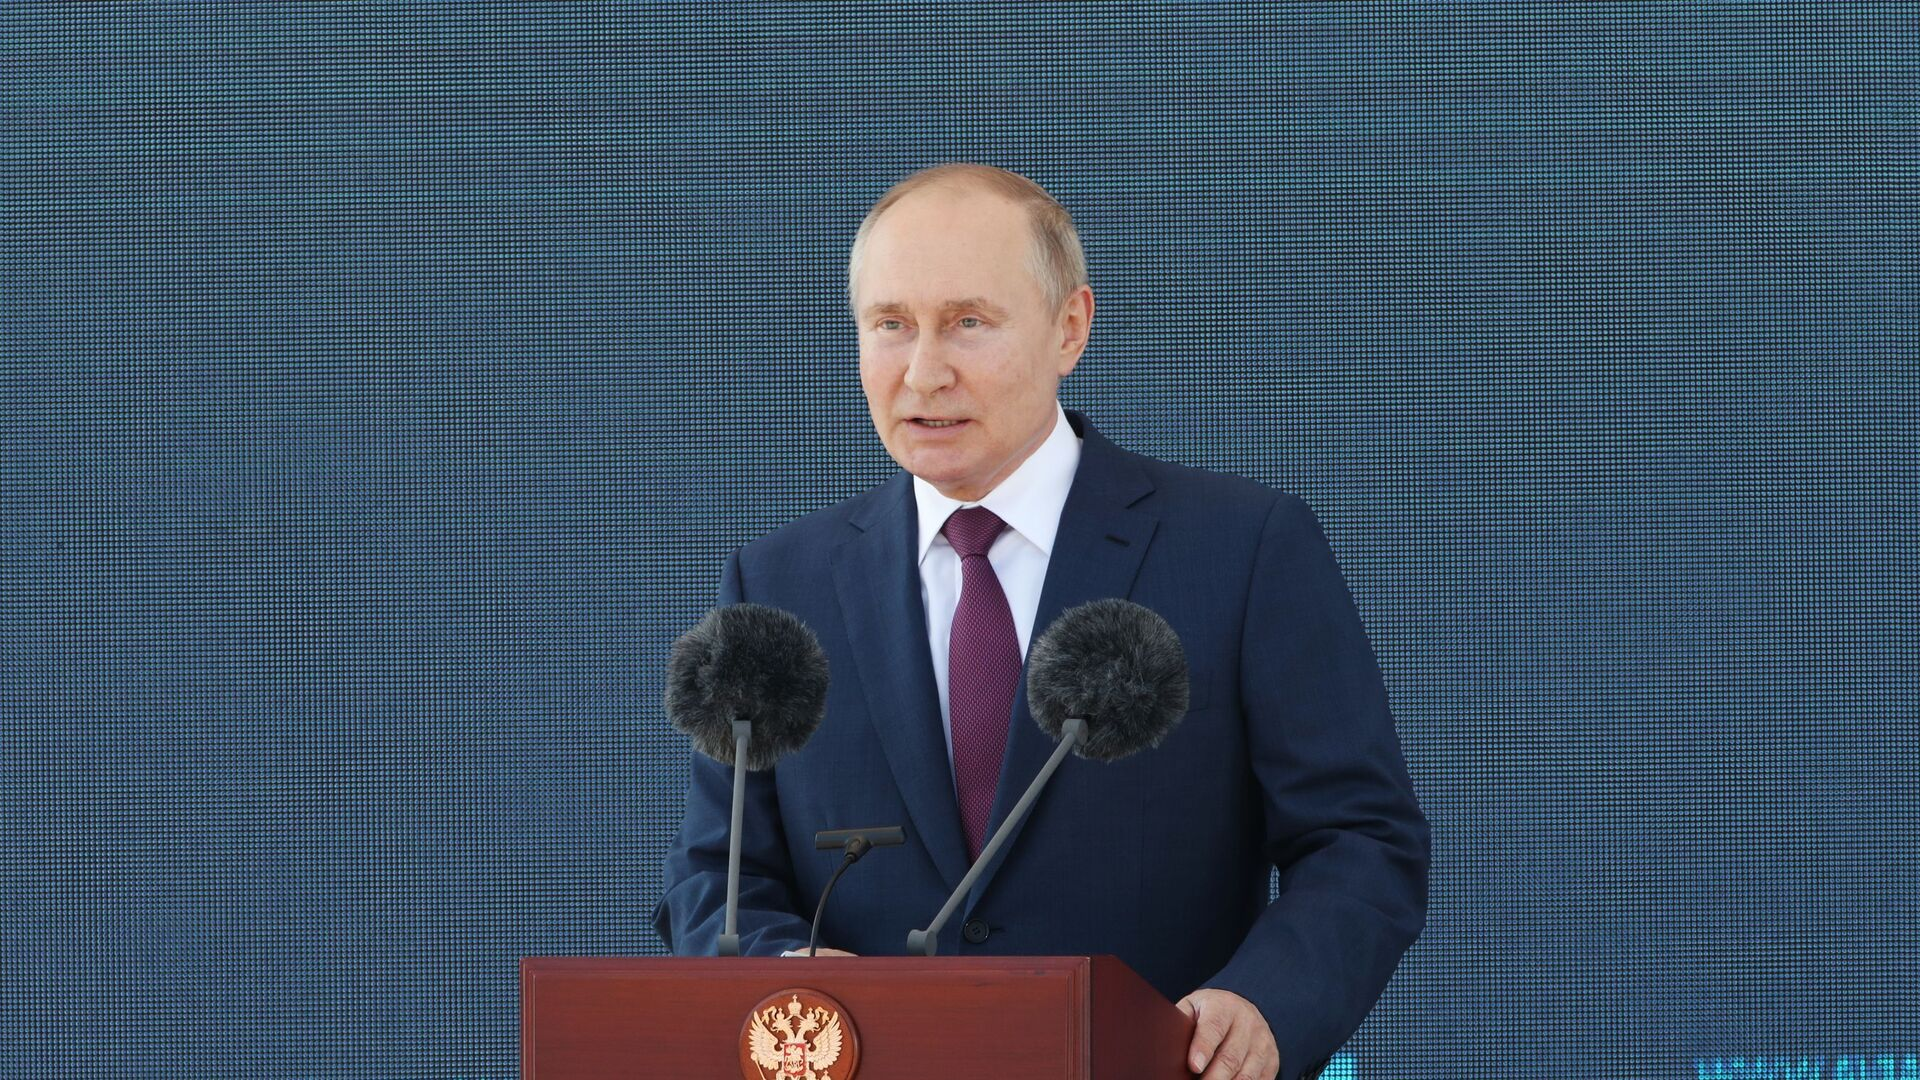 Rusiya prezidenti Vladimir Putin MAKS-2021 aviasalounun açlışında, 20 iyul 2021-ci il - Sputnik Azərbaycan, 1920, 03.09.2021